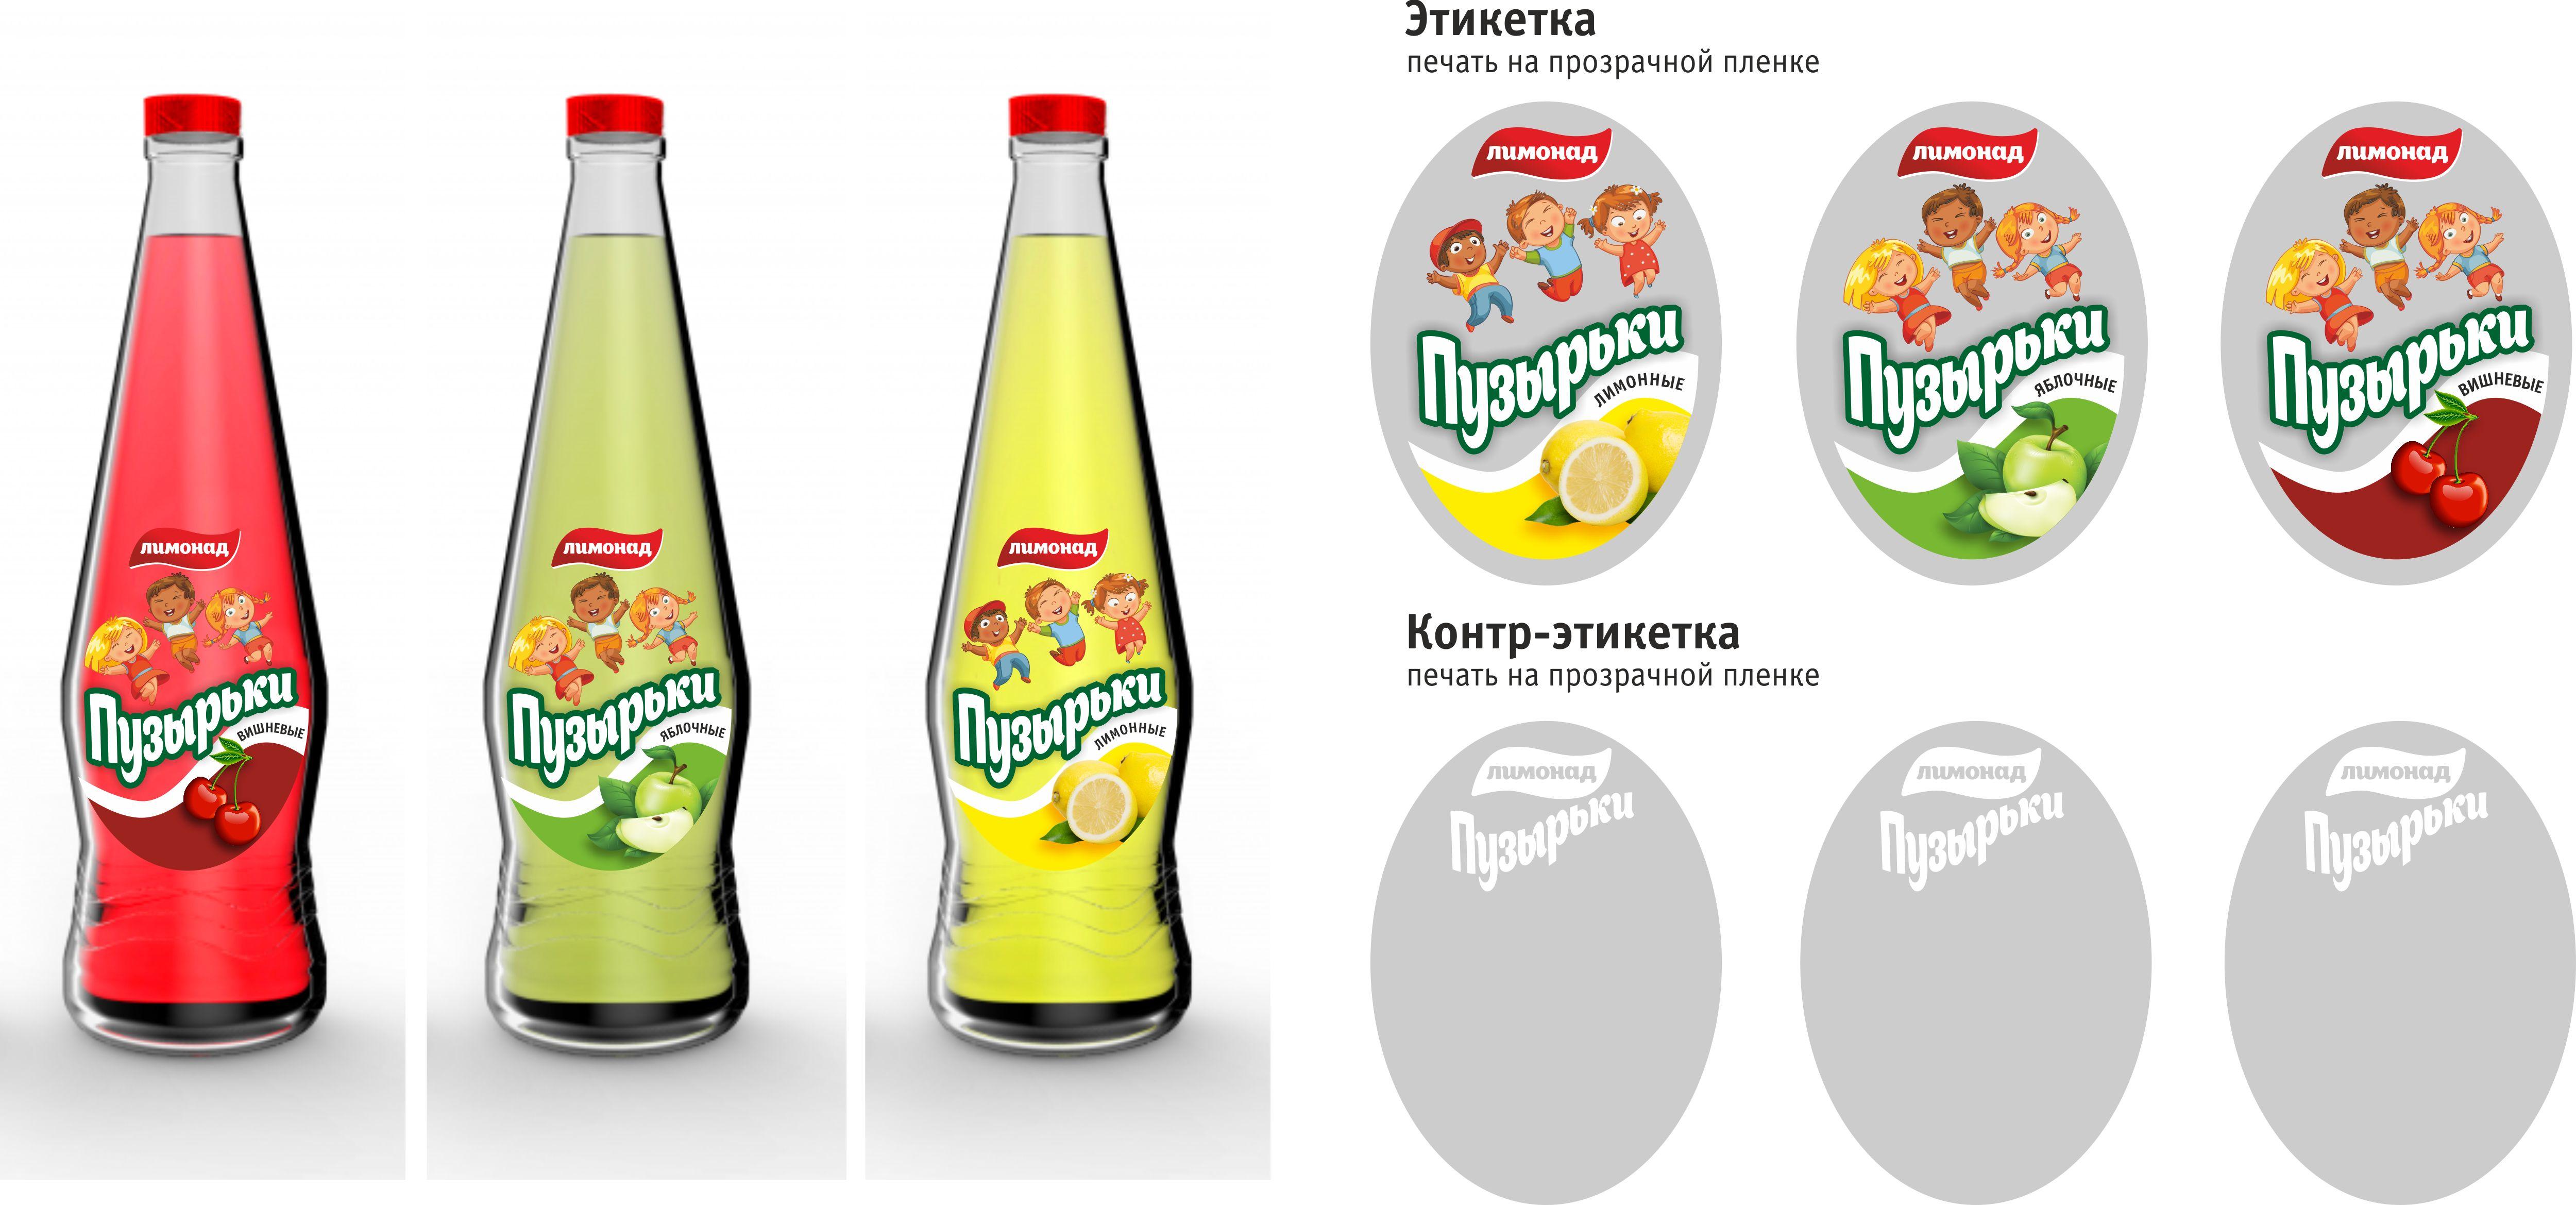 Проект этикетка лимонада (продается)